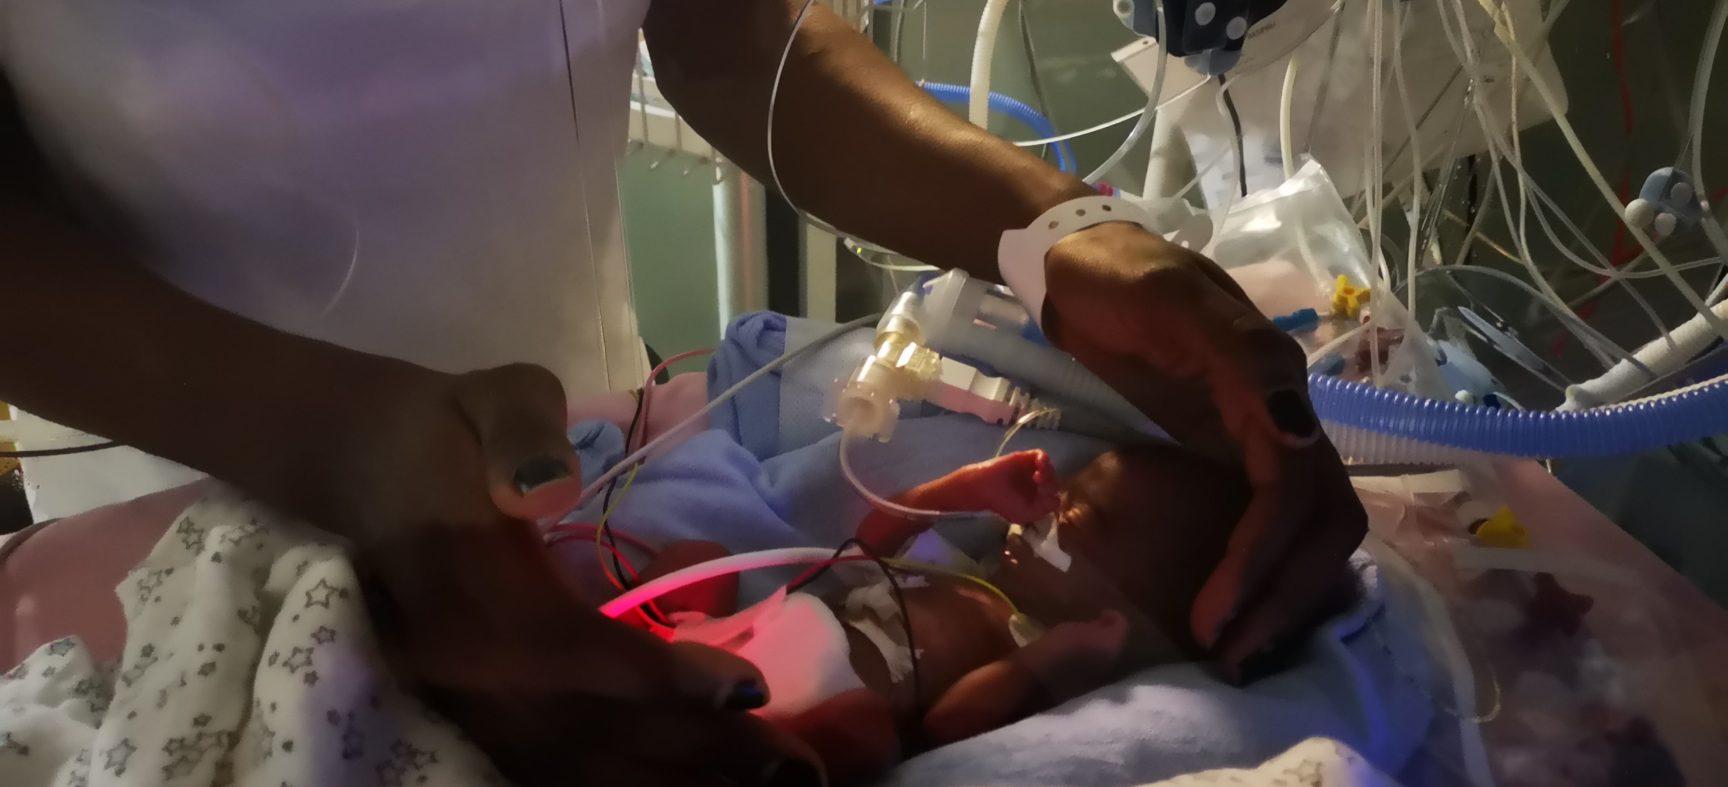 Néonatologie : récit du service qui s'est occupé de notre bébé prématuré